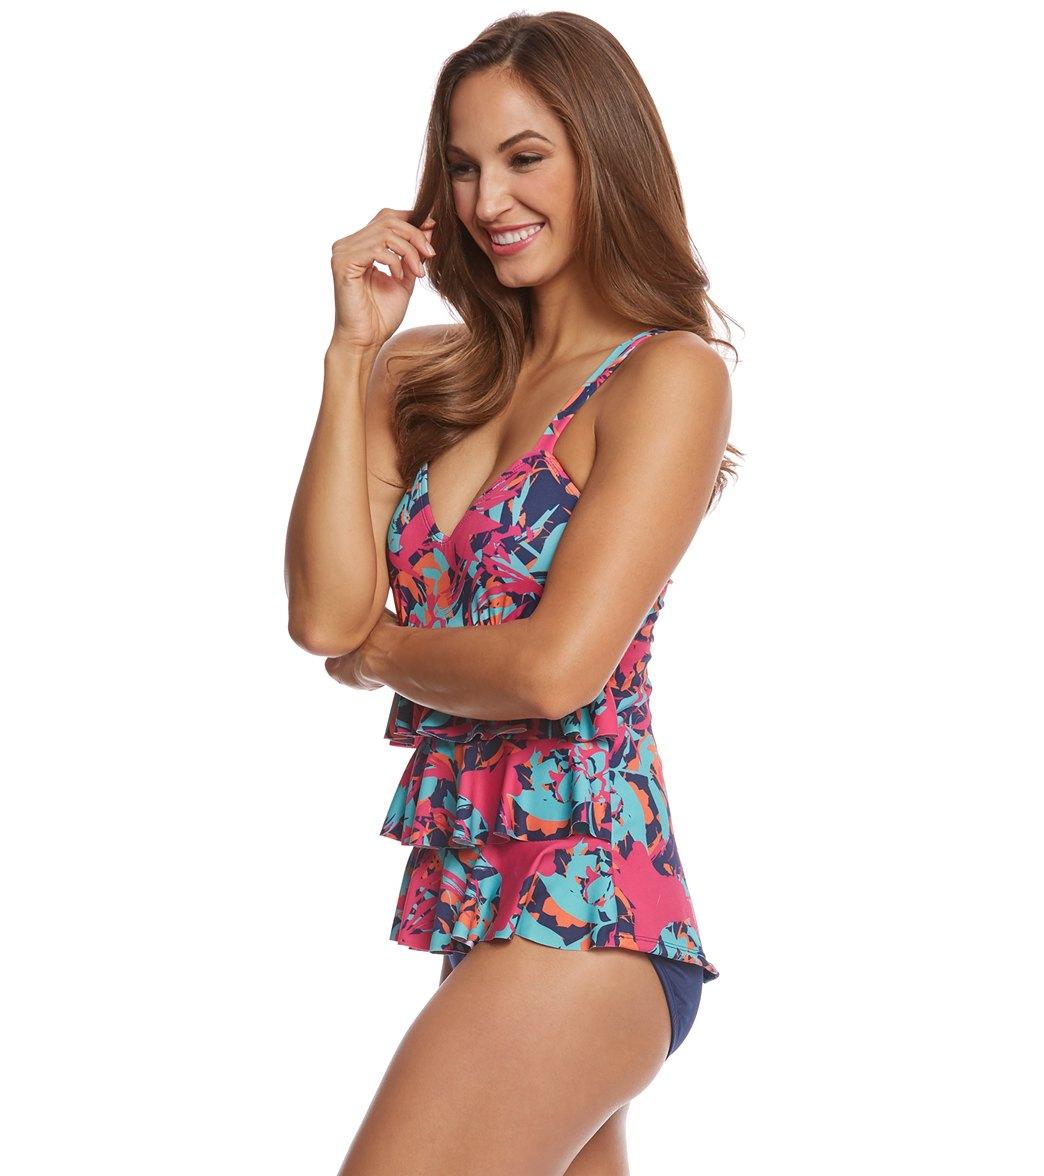 768a51da83c70 Dolfin Aquashape Women's Eden Ruffle Tier One Piece Swimsuit at ...